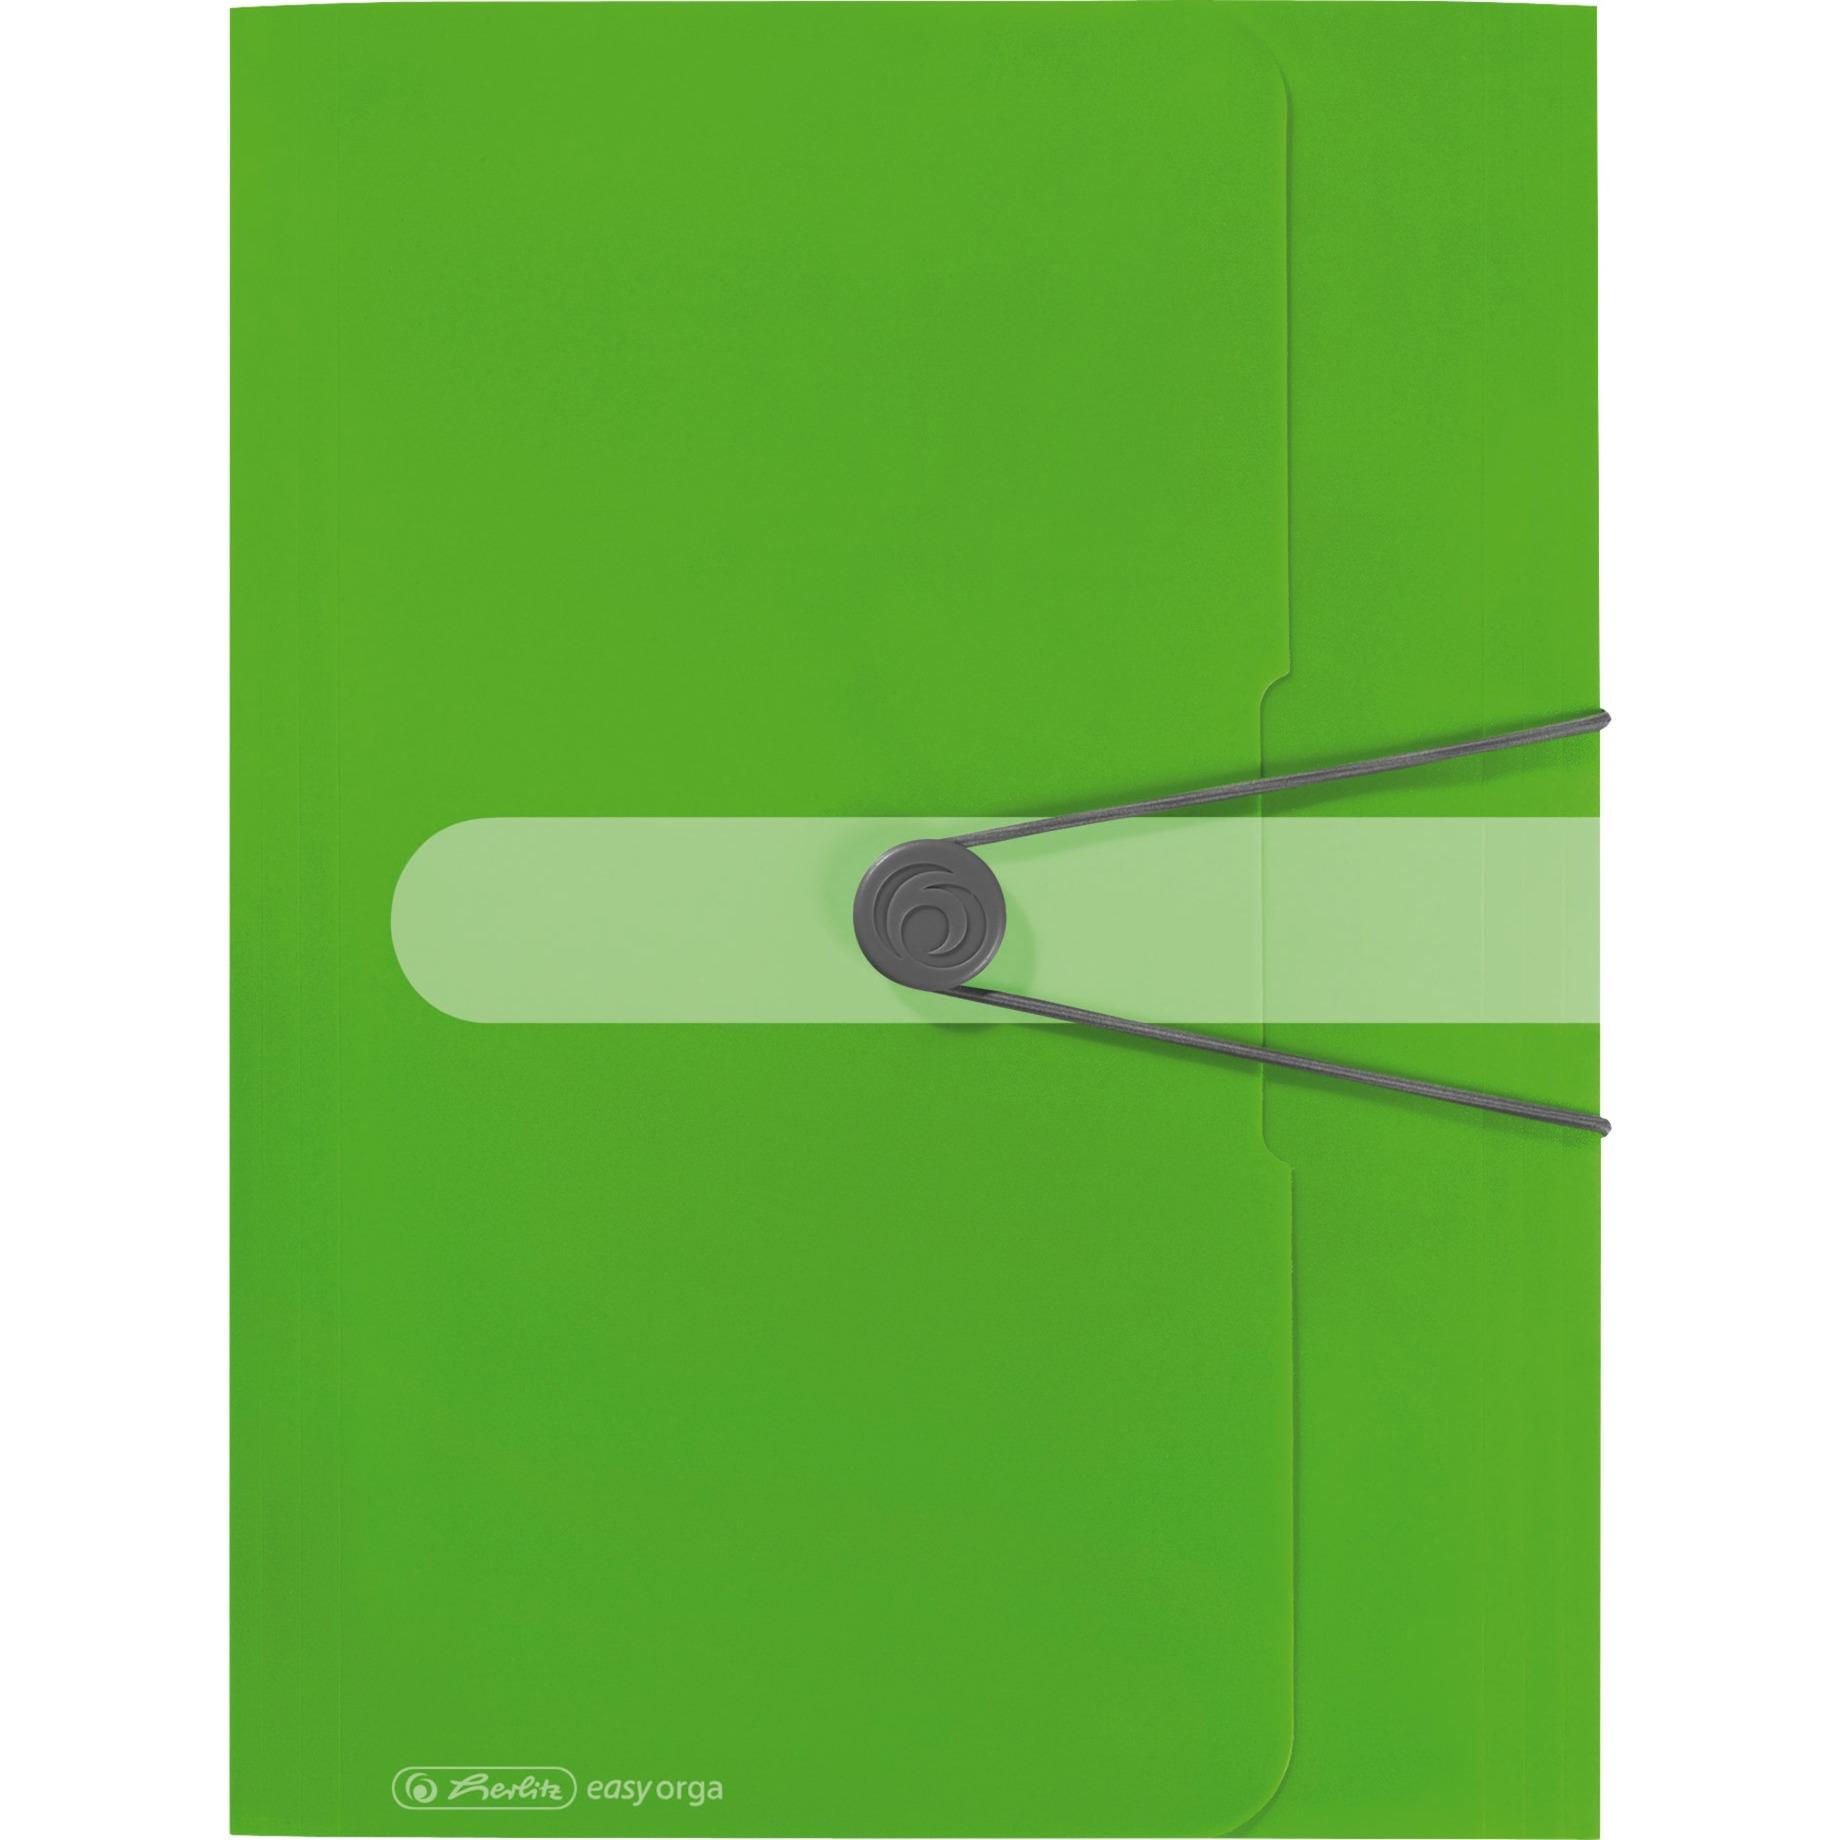 11206000 Polipropileno (PP) Verde carpeta, Organizador